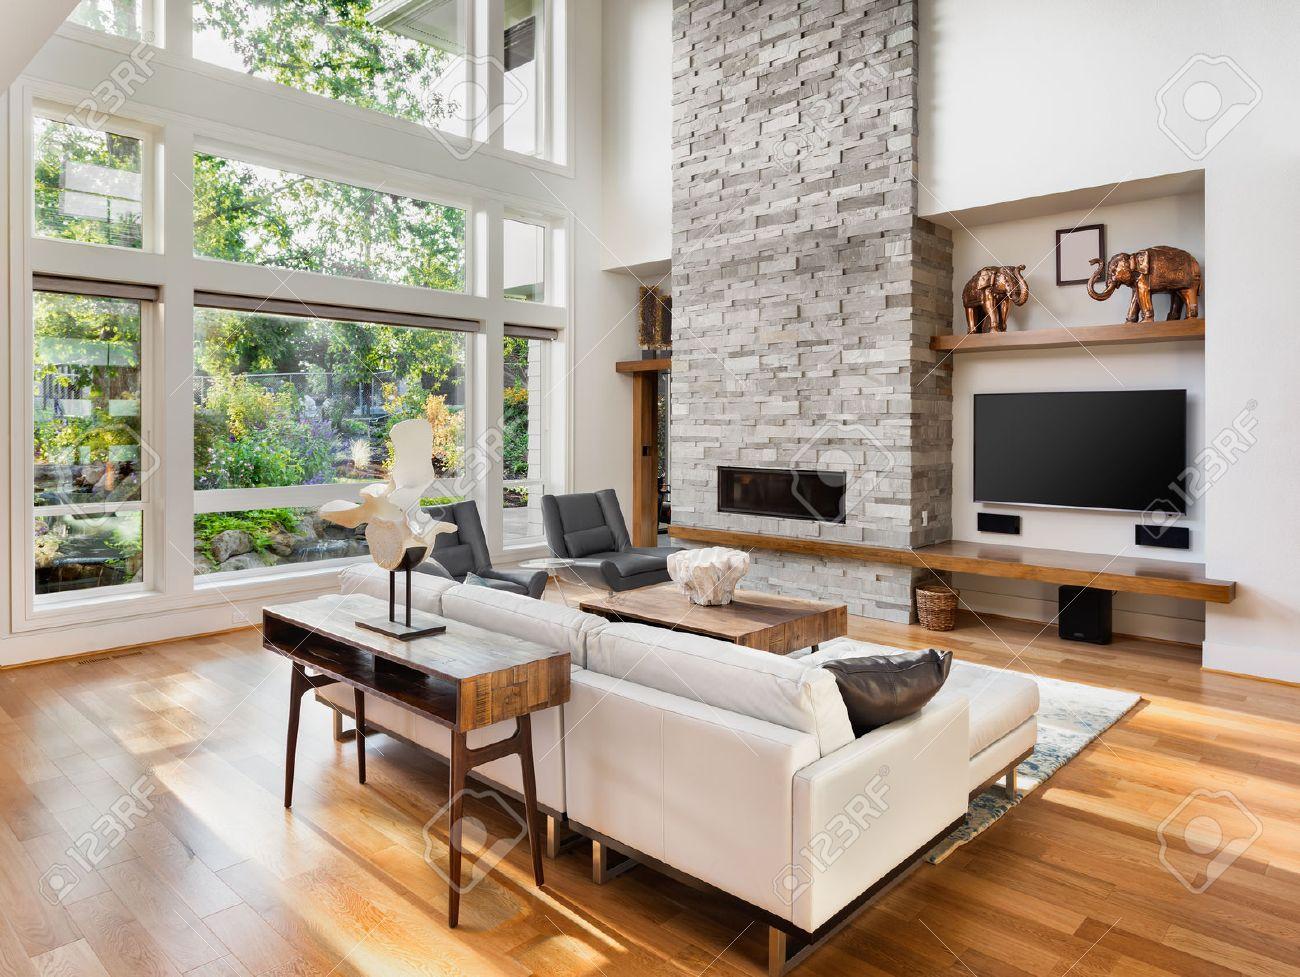 Anspruchsvoll Fensterfront Dekoration Von Standard-bild - Wohnzimmer Innenraum Mit Parkettboden, Kamin